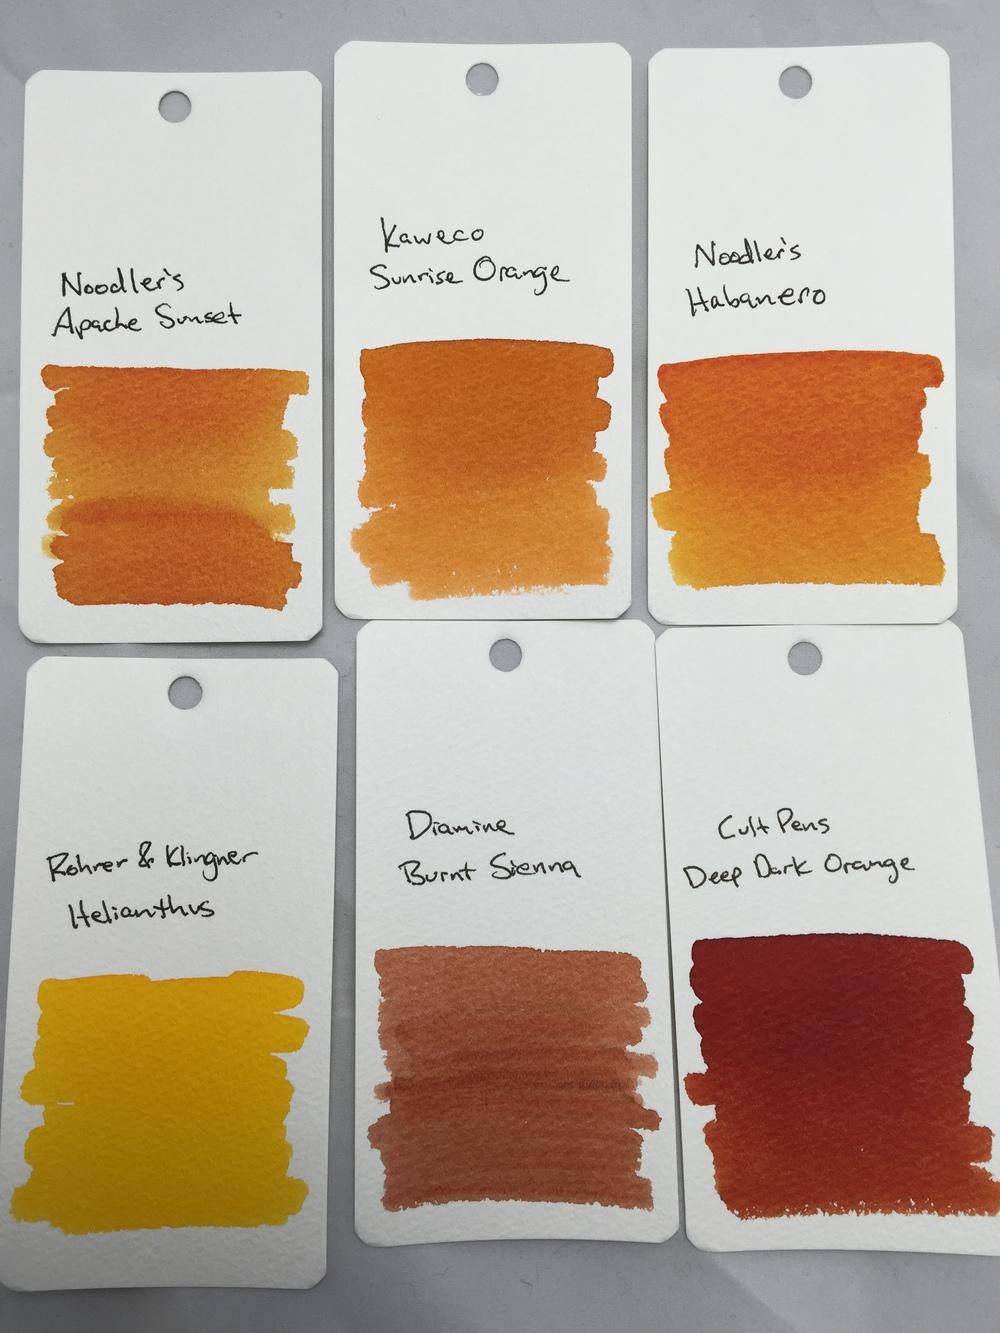 sunrise-orange-swab-comparisons